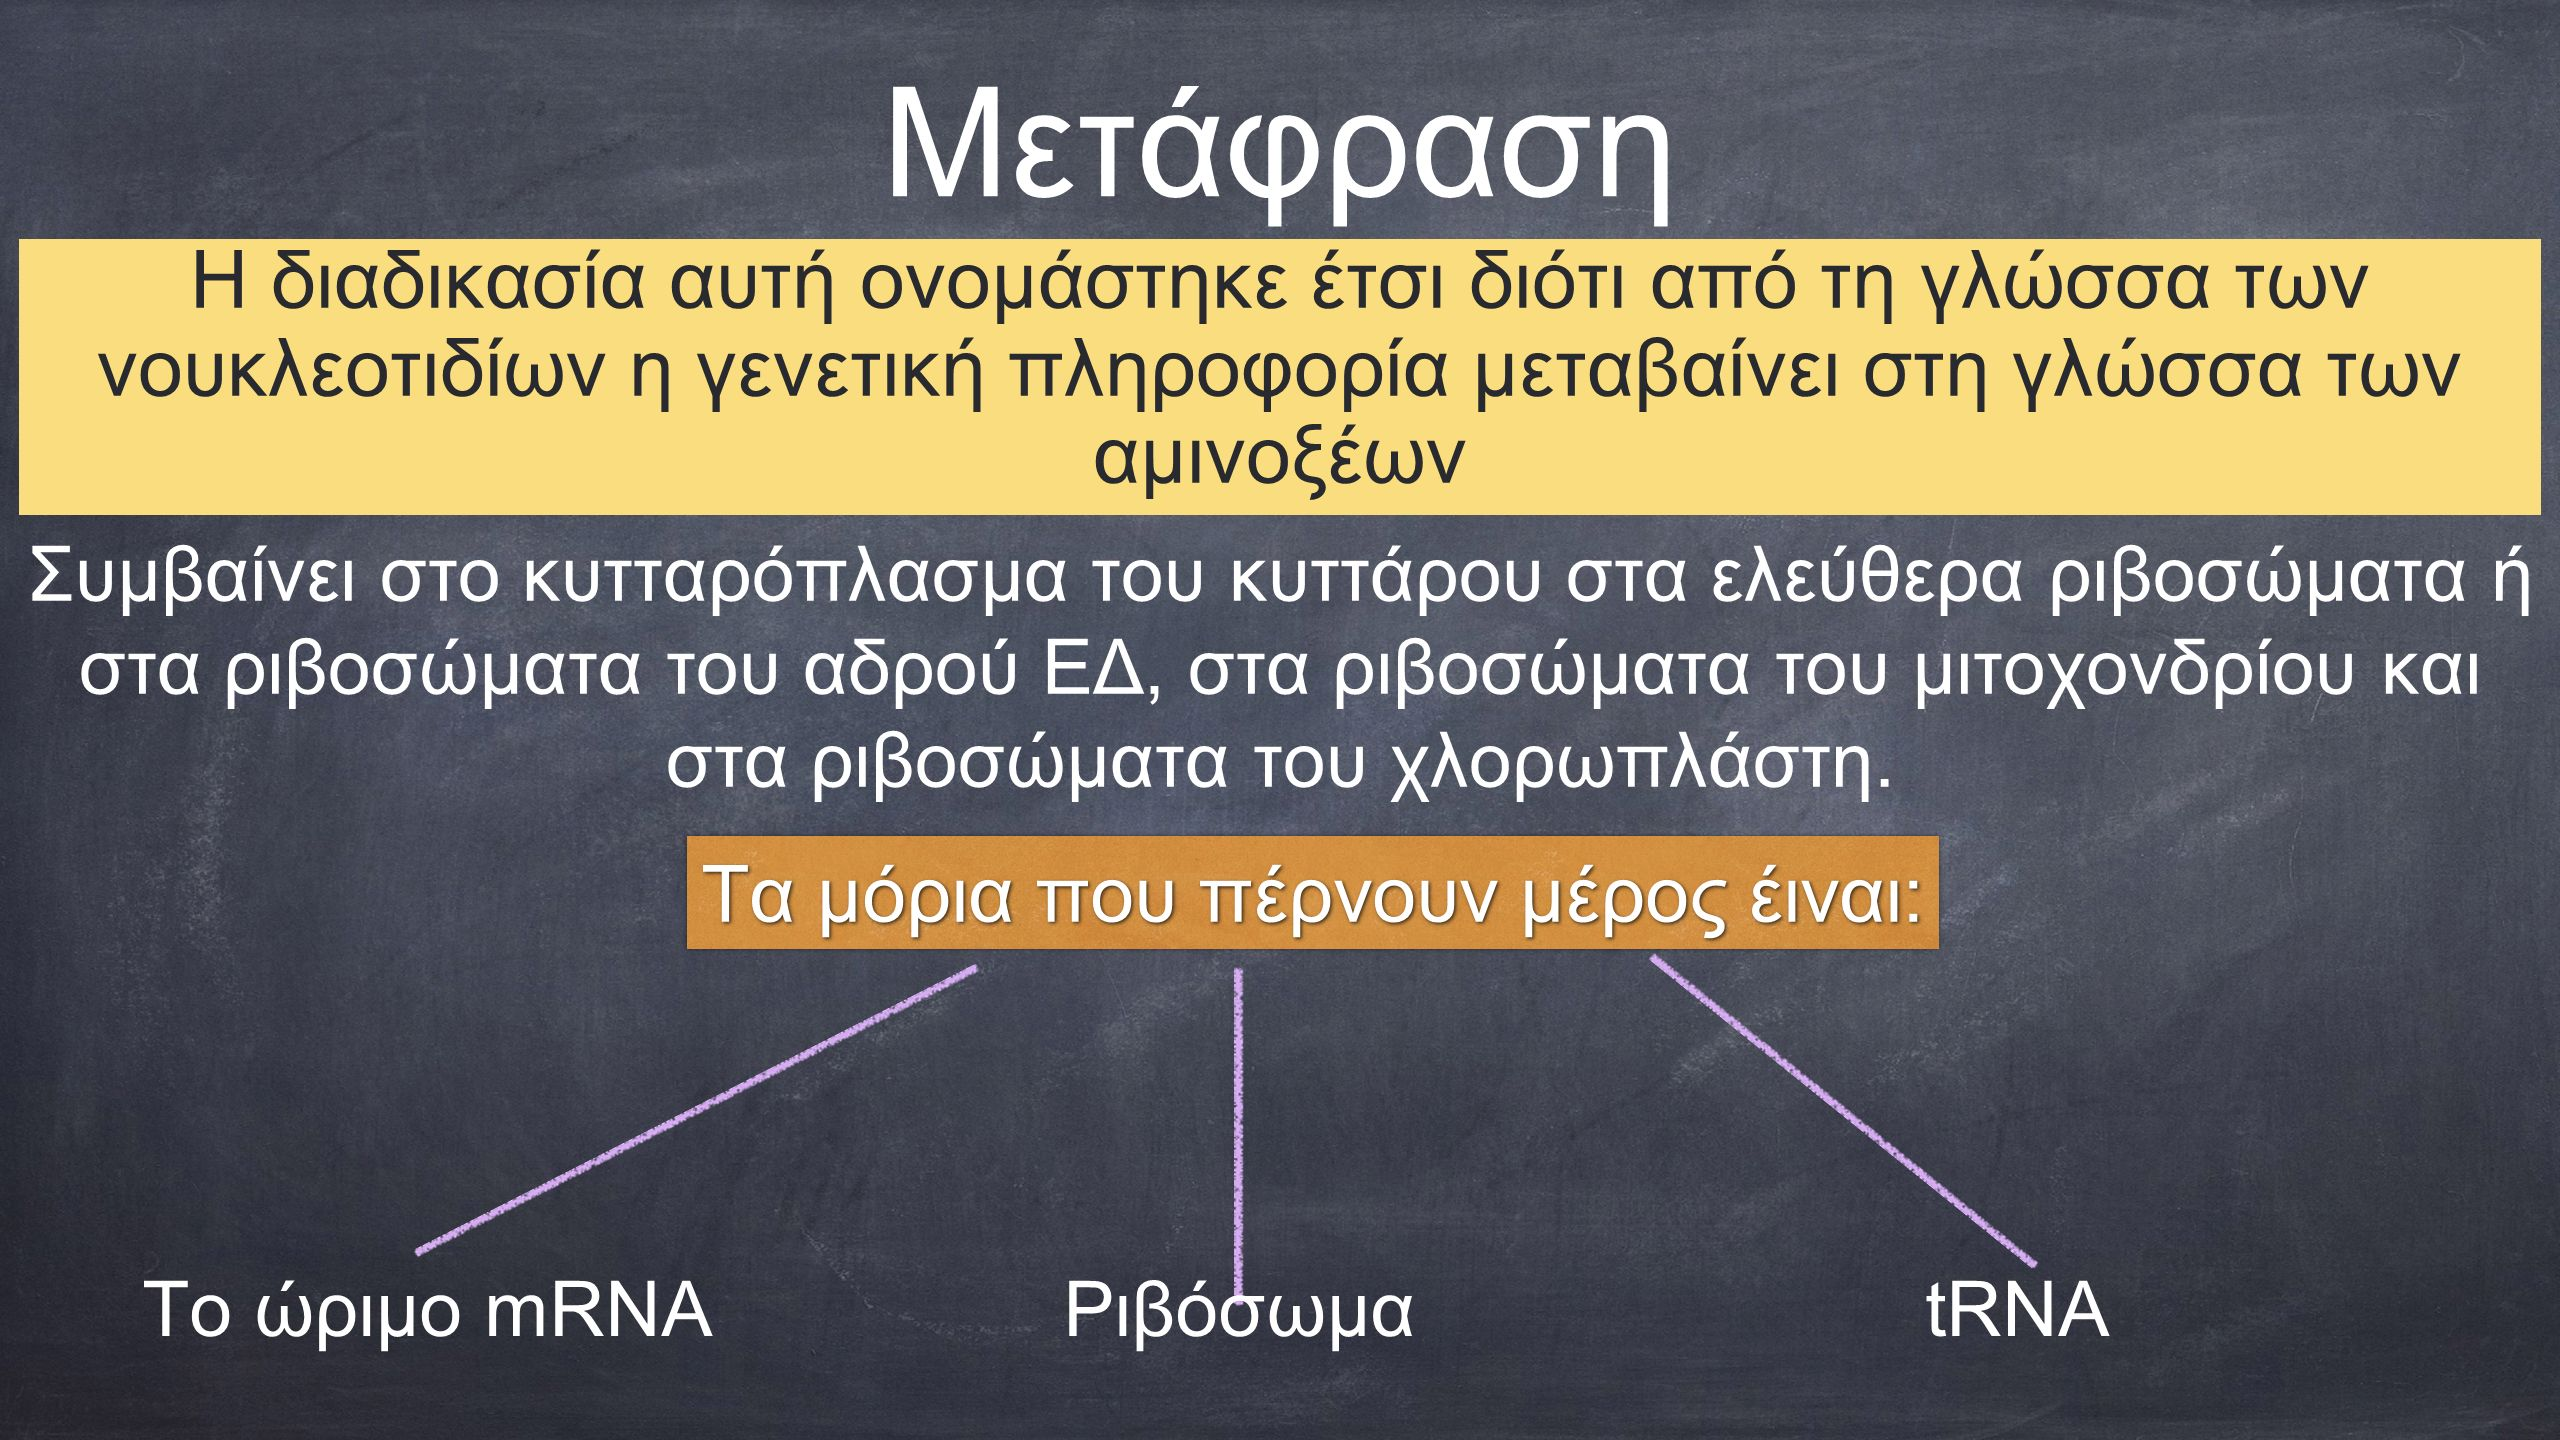 Μετάφραση Η διαδικασία αυτή ονομάστηκε έτσι διότι από τη γλώσσα των νουκλεοτιδίων η γενετική πληροφορία μεταβαίνει στη γλώσσα των αμινοξέων Τα μόρια που πέρνουν μέρος έιναι: tRNAΡιβόσωμαΤο ώριμο mRNA Συμβαίνει στο κυτταρόπλασμα του κυττάρου στα ελεύθερα ριβοσώματα ή στα ριβοσώματα του αδρού ΕΔ, στα ριβοσώματα του μιτοχονδρίου και στα ριβοσώματα του χλορωπλάστη.